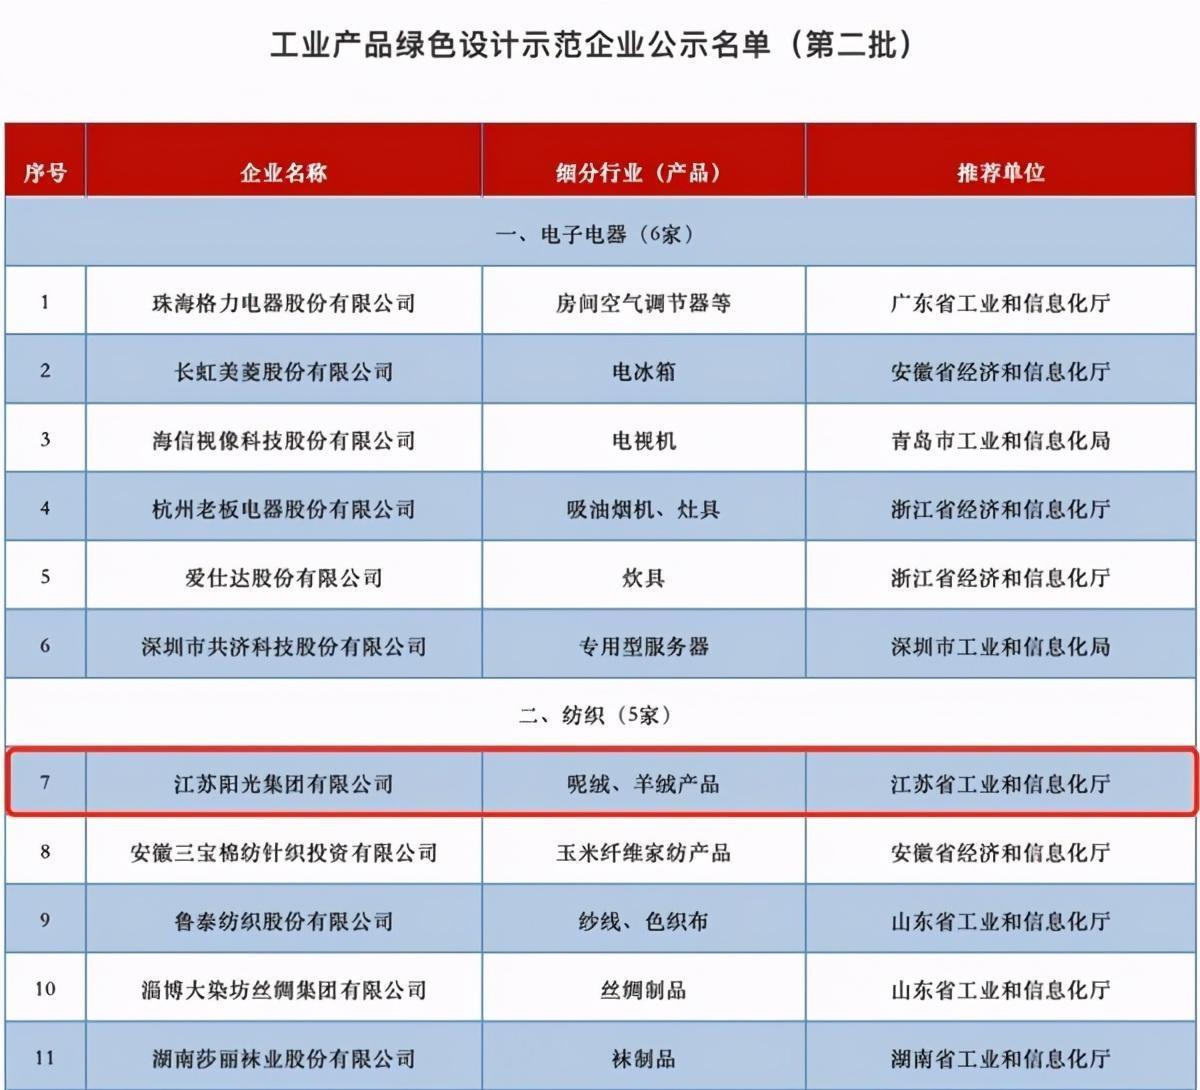 打造绿色制造体系,江苏阳光集团获评工业产品绿色设计示范企业